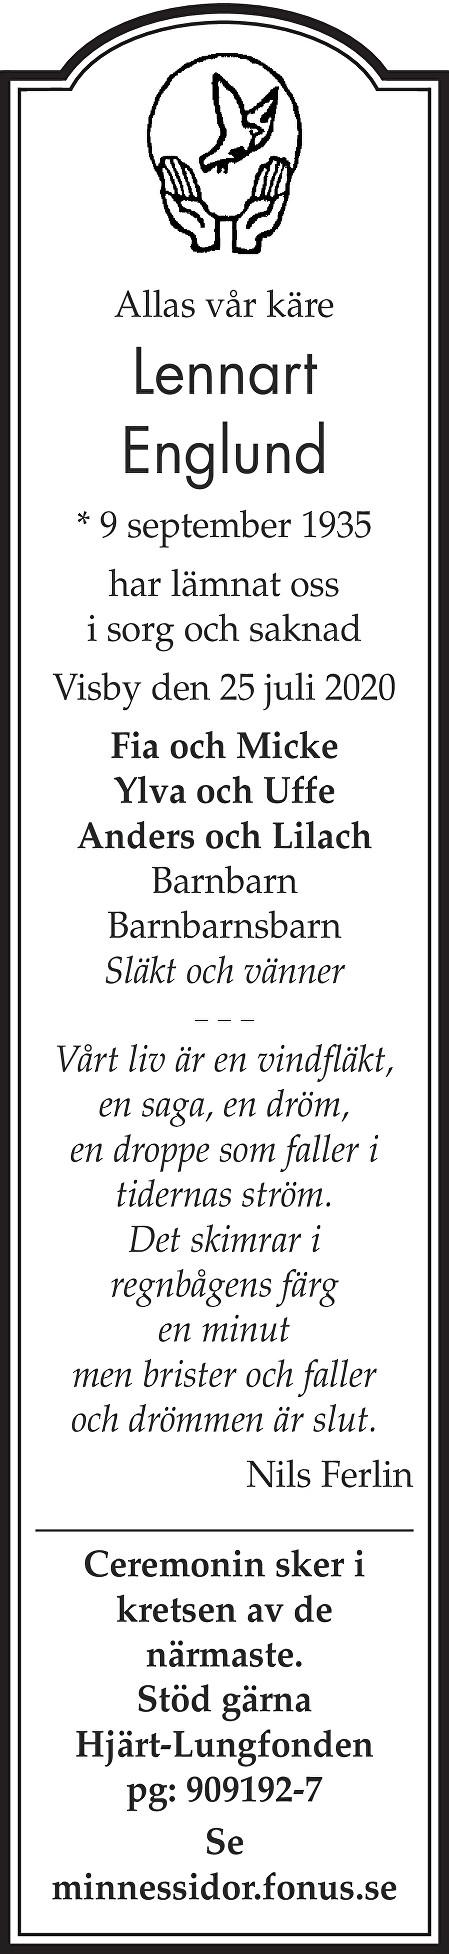 Lennart Englund Death notice